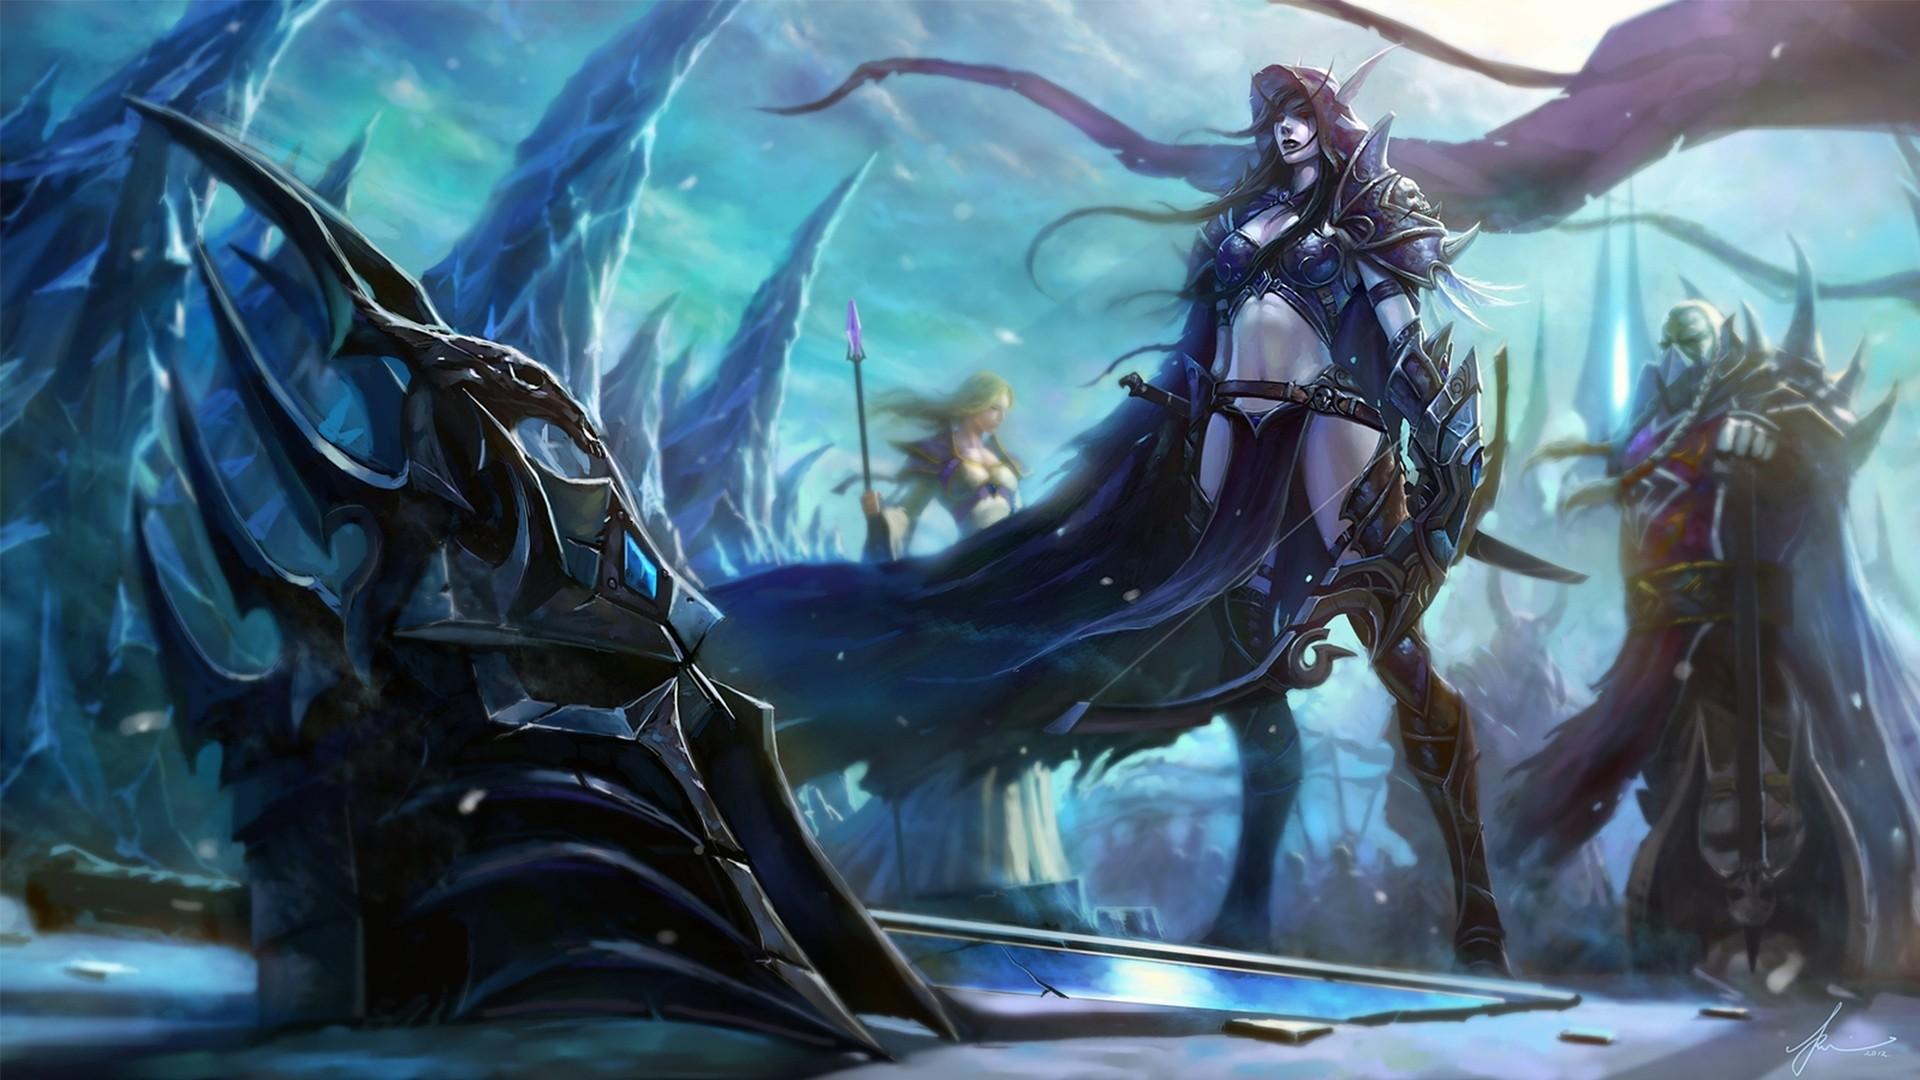 World Of Warcraft wallpaper photo hd